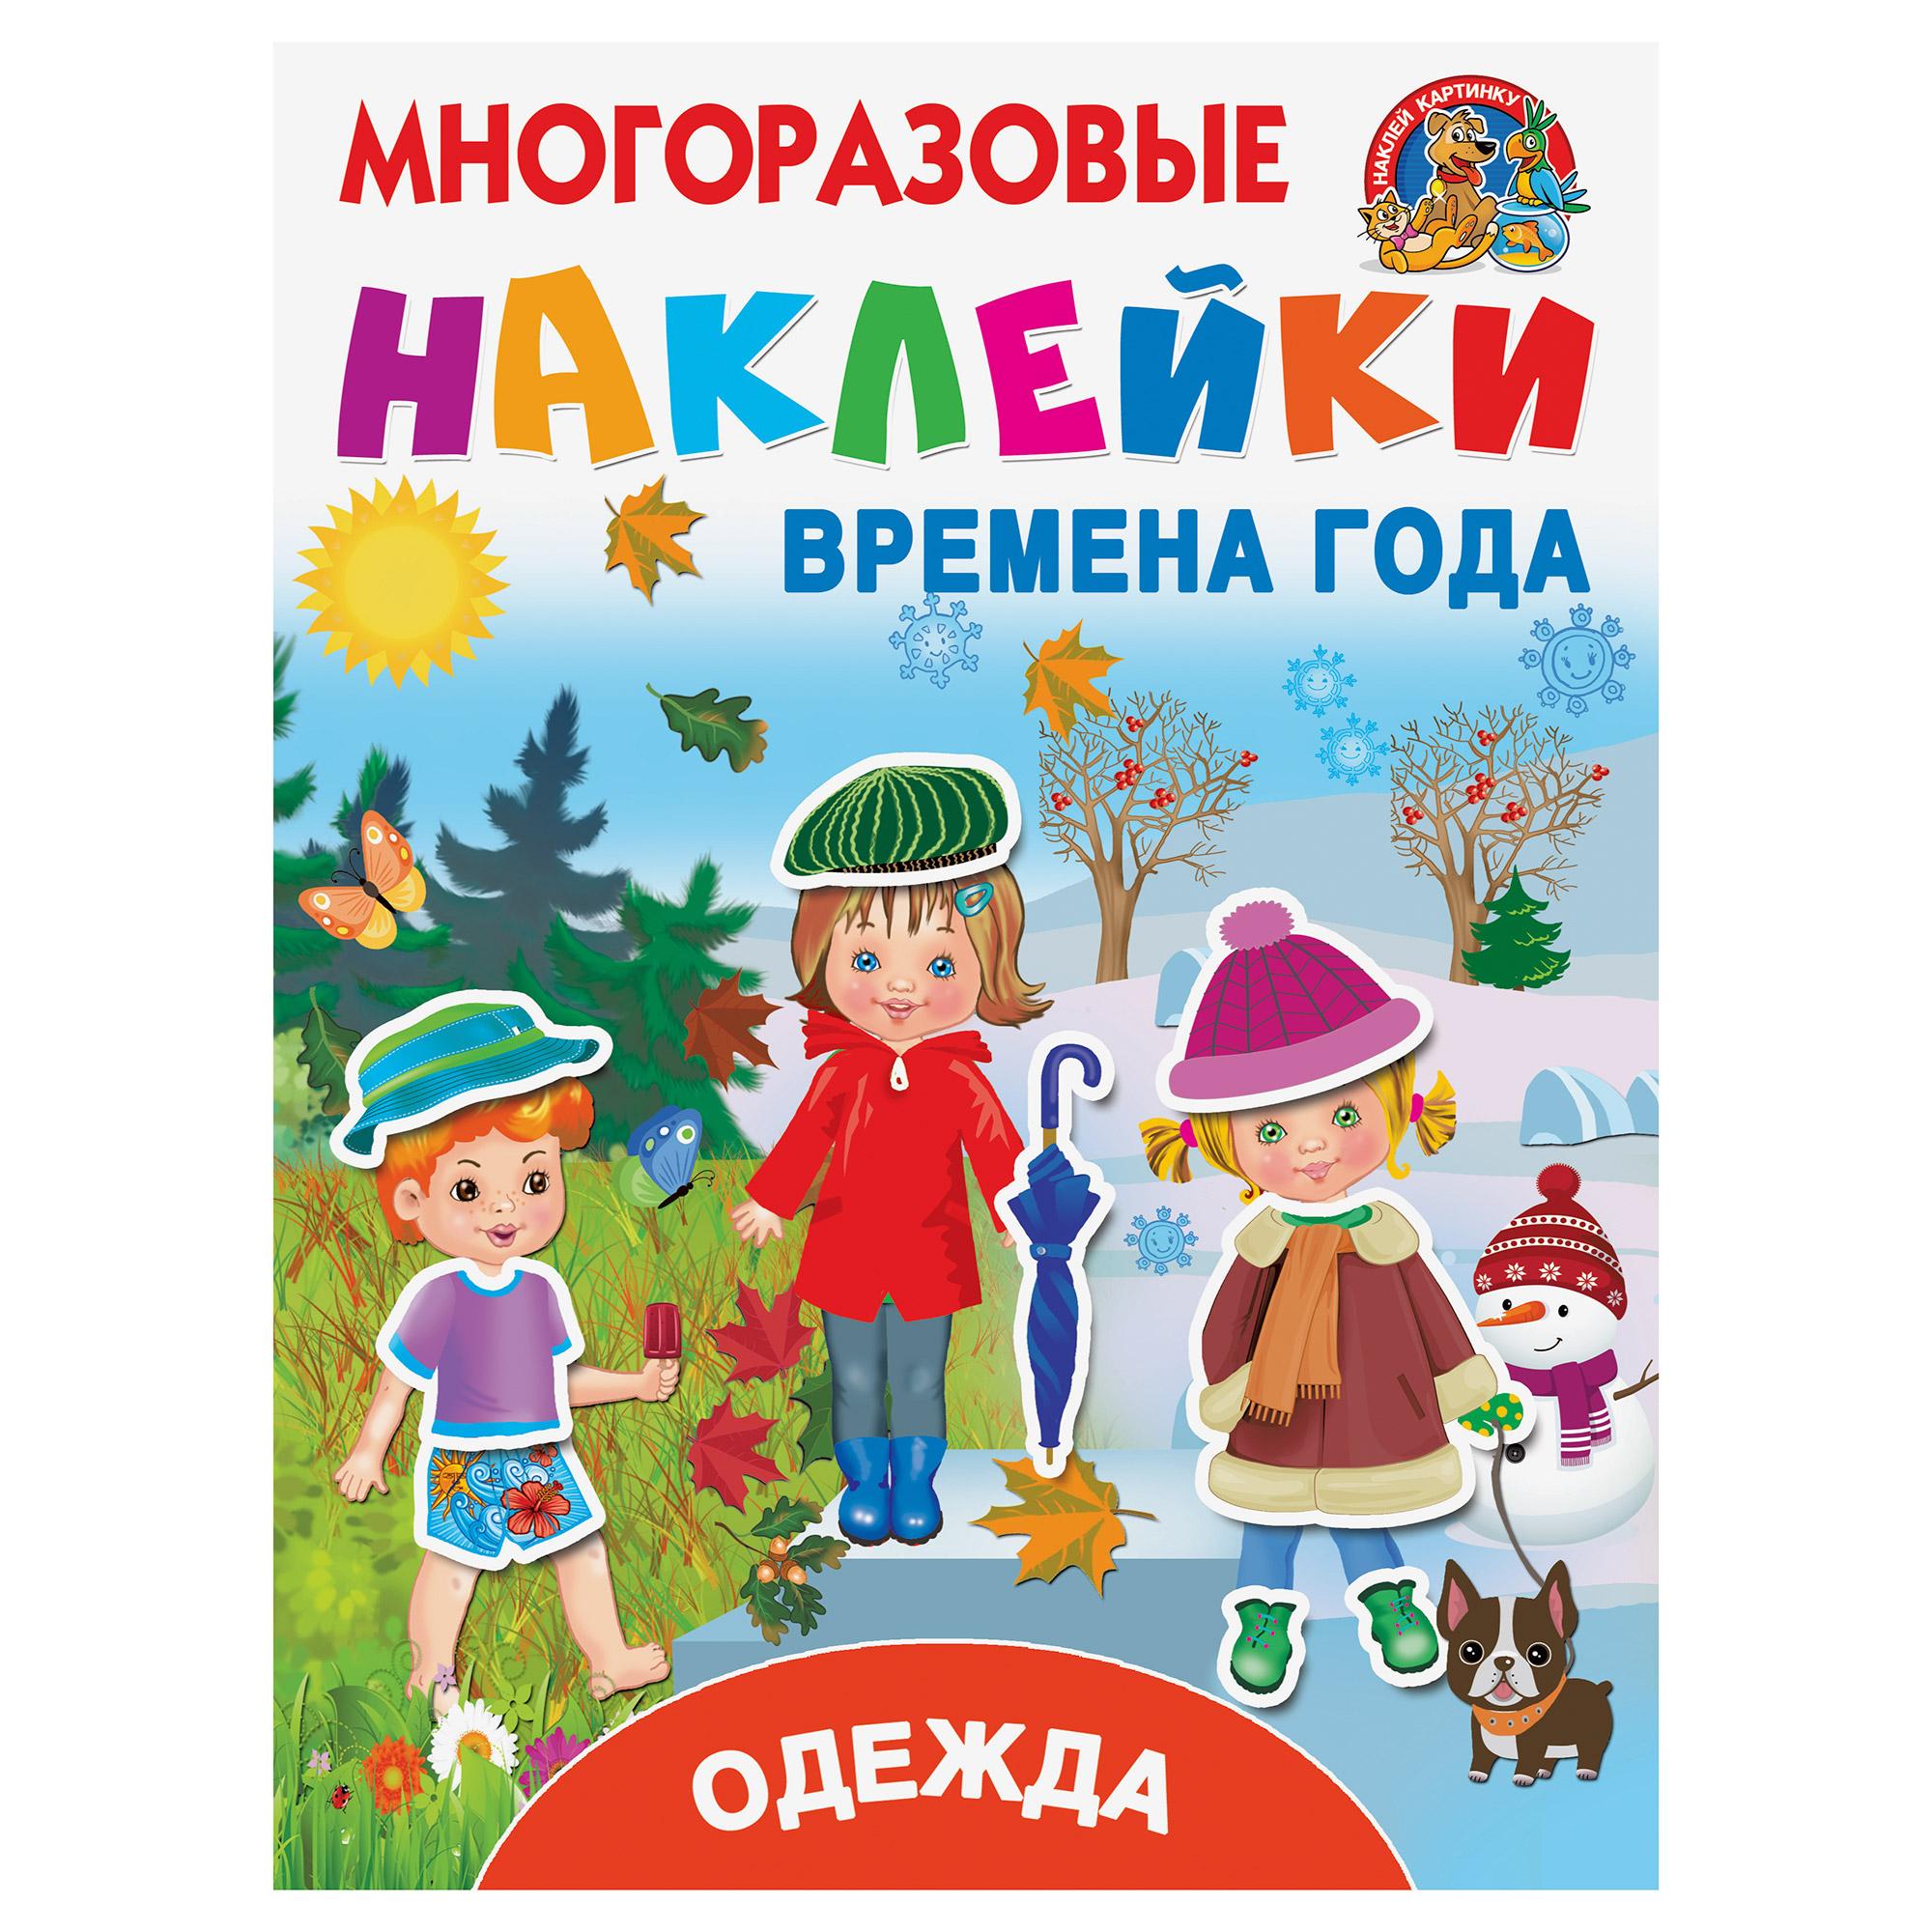 Книга АСТ Одежда и времена года